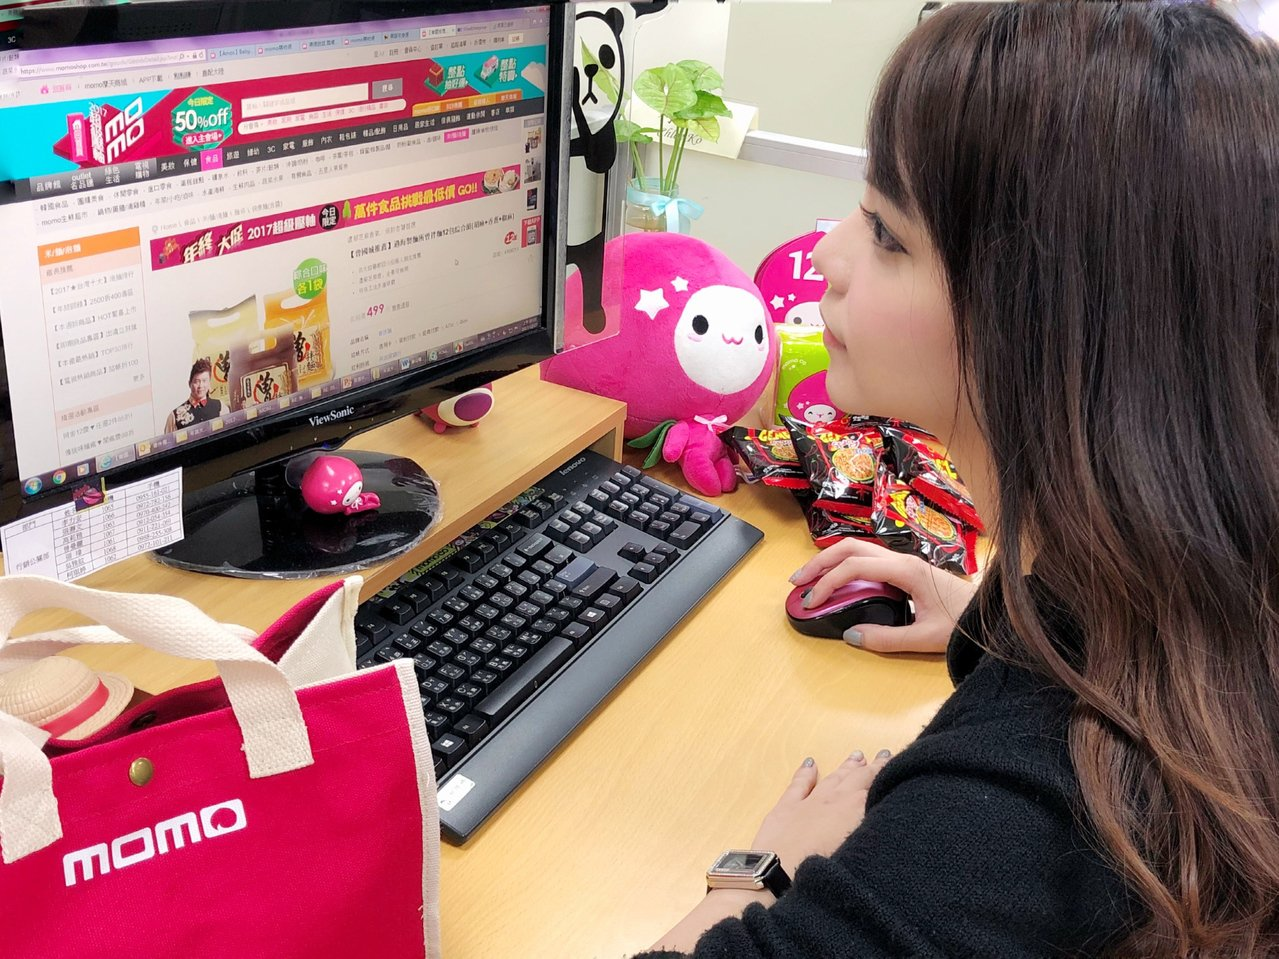 台灣網購人口逐年上升,網購的消費趨勢也反應民眾對生活的需求、社會現象及對議題的關...